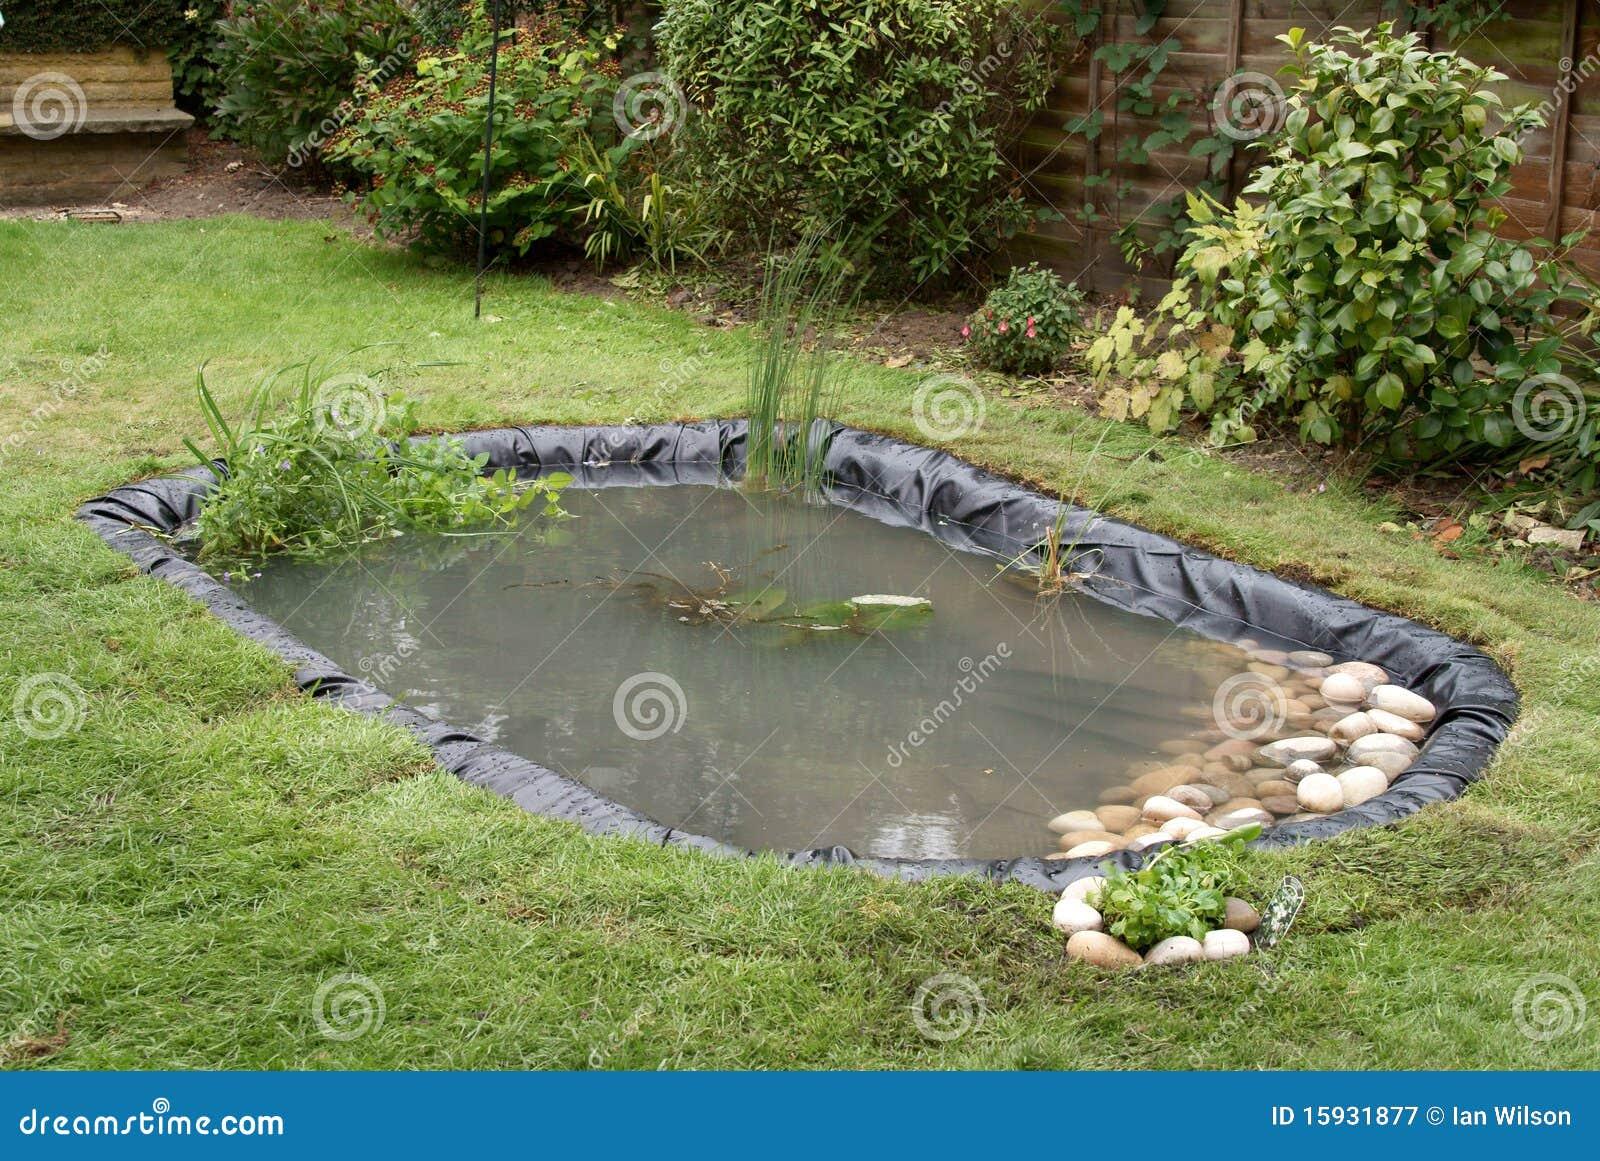 Het maken van een vijver van de tuin royalty vrije stock for Tuinvijver maken